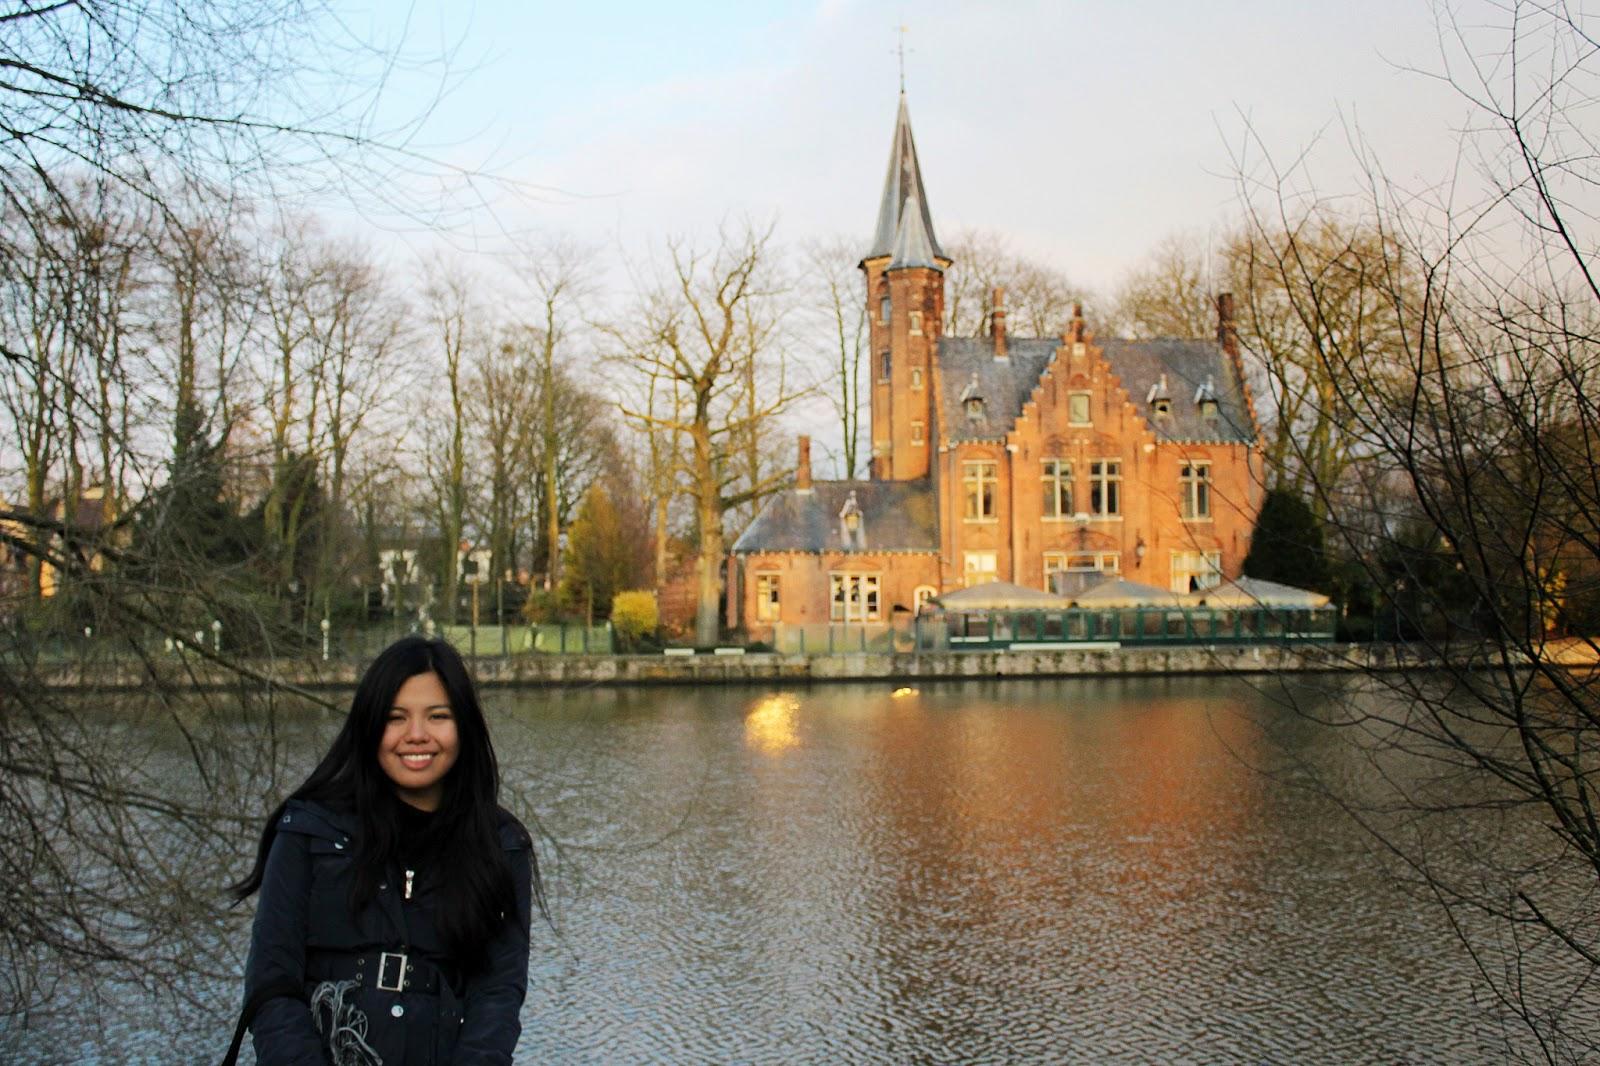 Bruges/Brugge